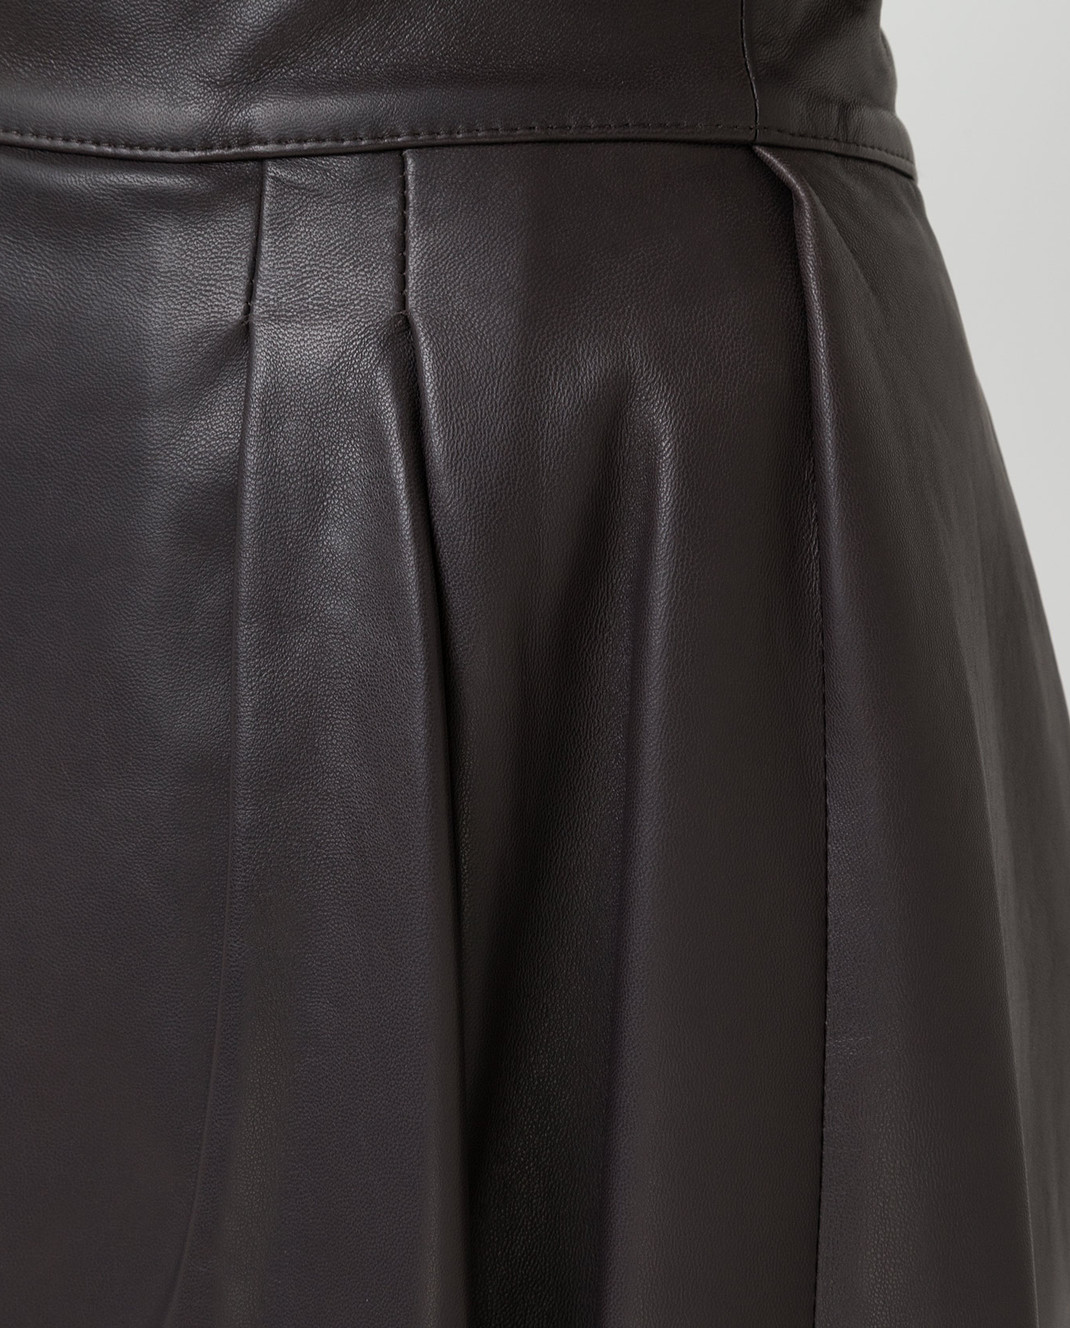 Dolce&Gabbana Коричневая юбка изображение 5